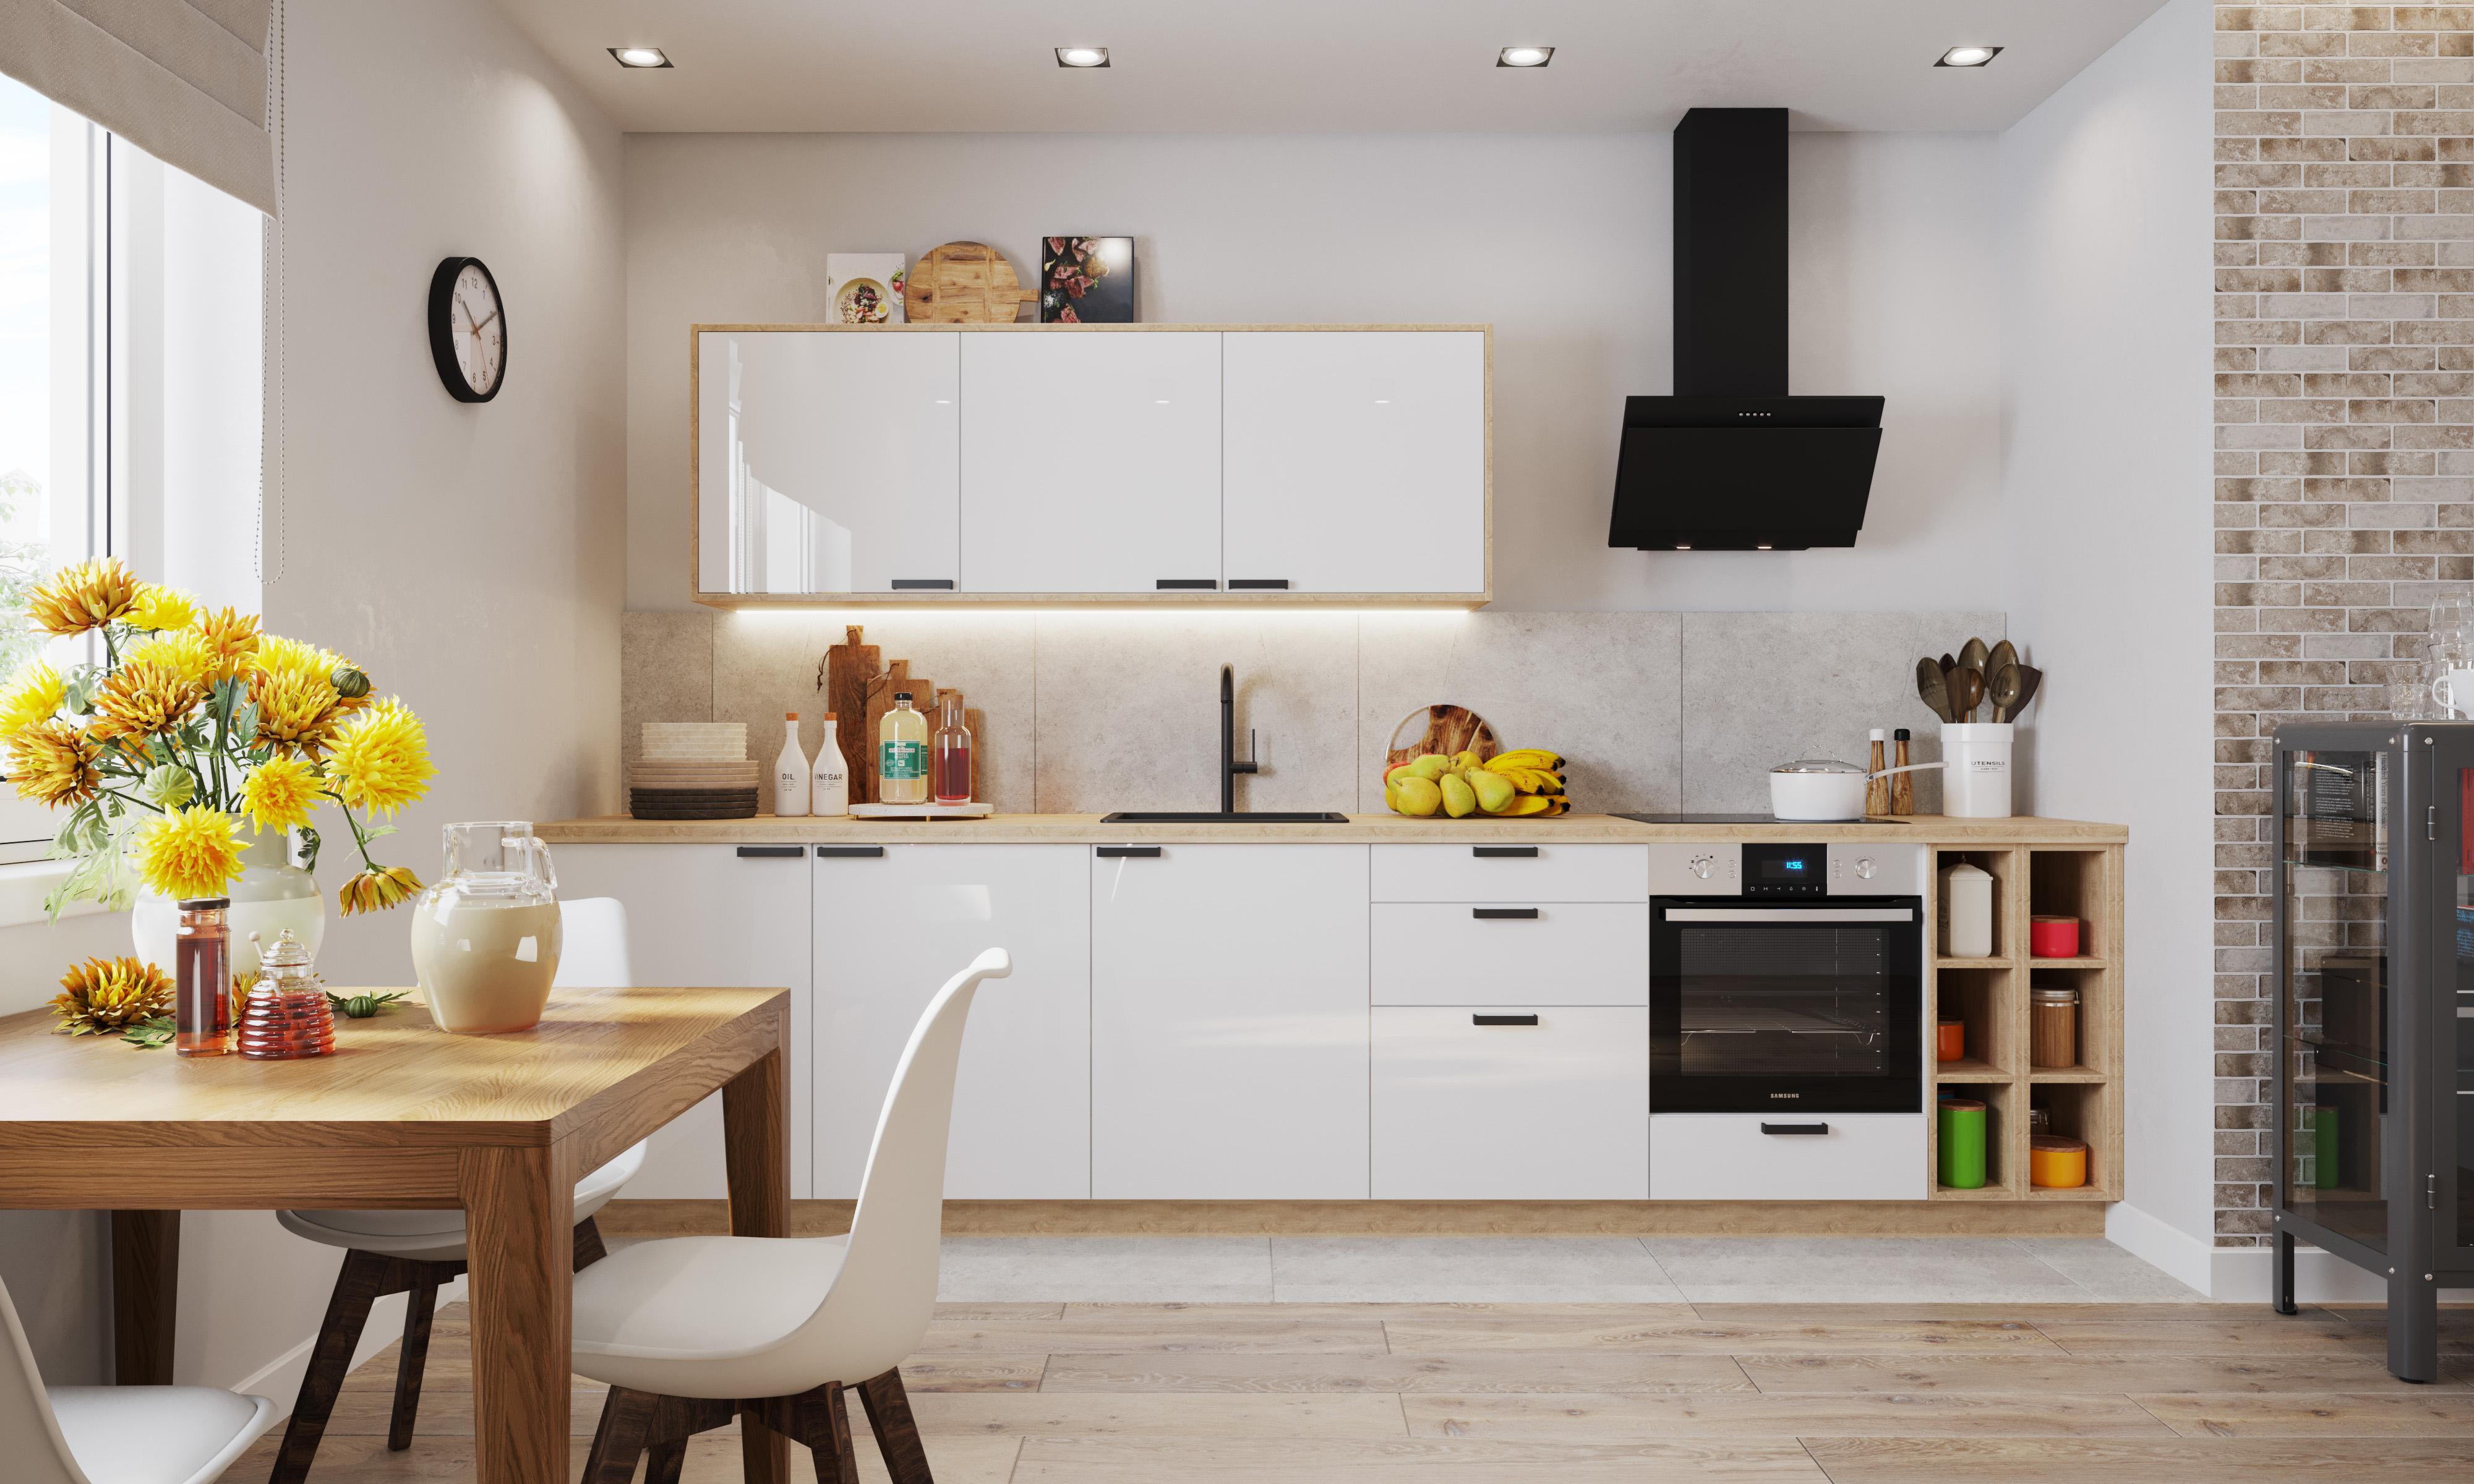 Kuchnia Na Miare Potrzeb Jak Ja Zaplanowac I Urzadzic Wp Dom